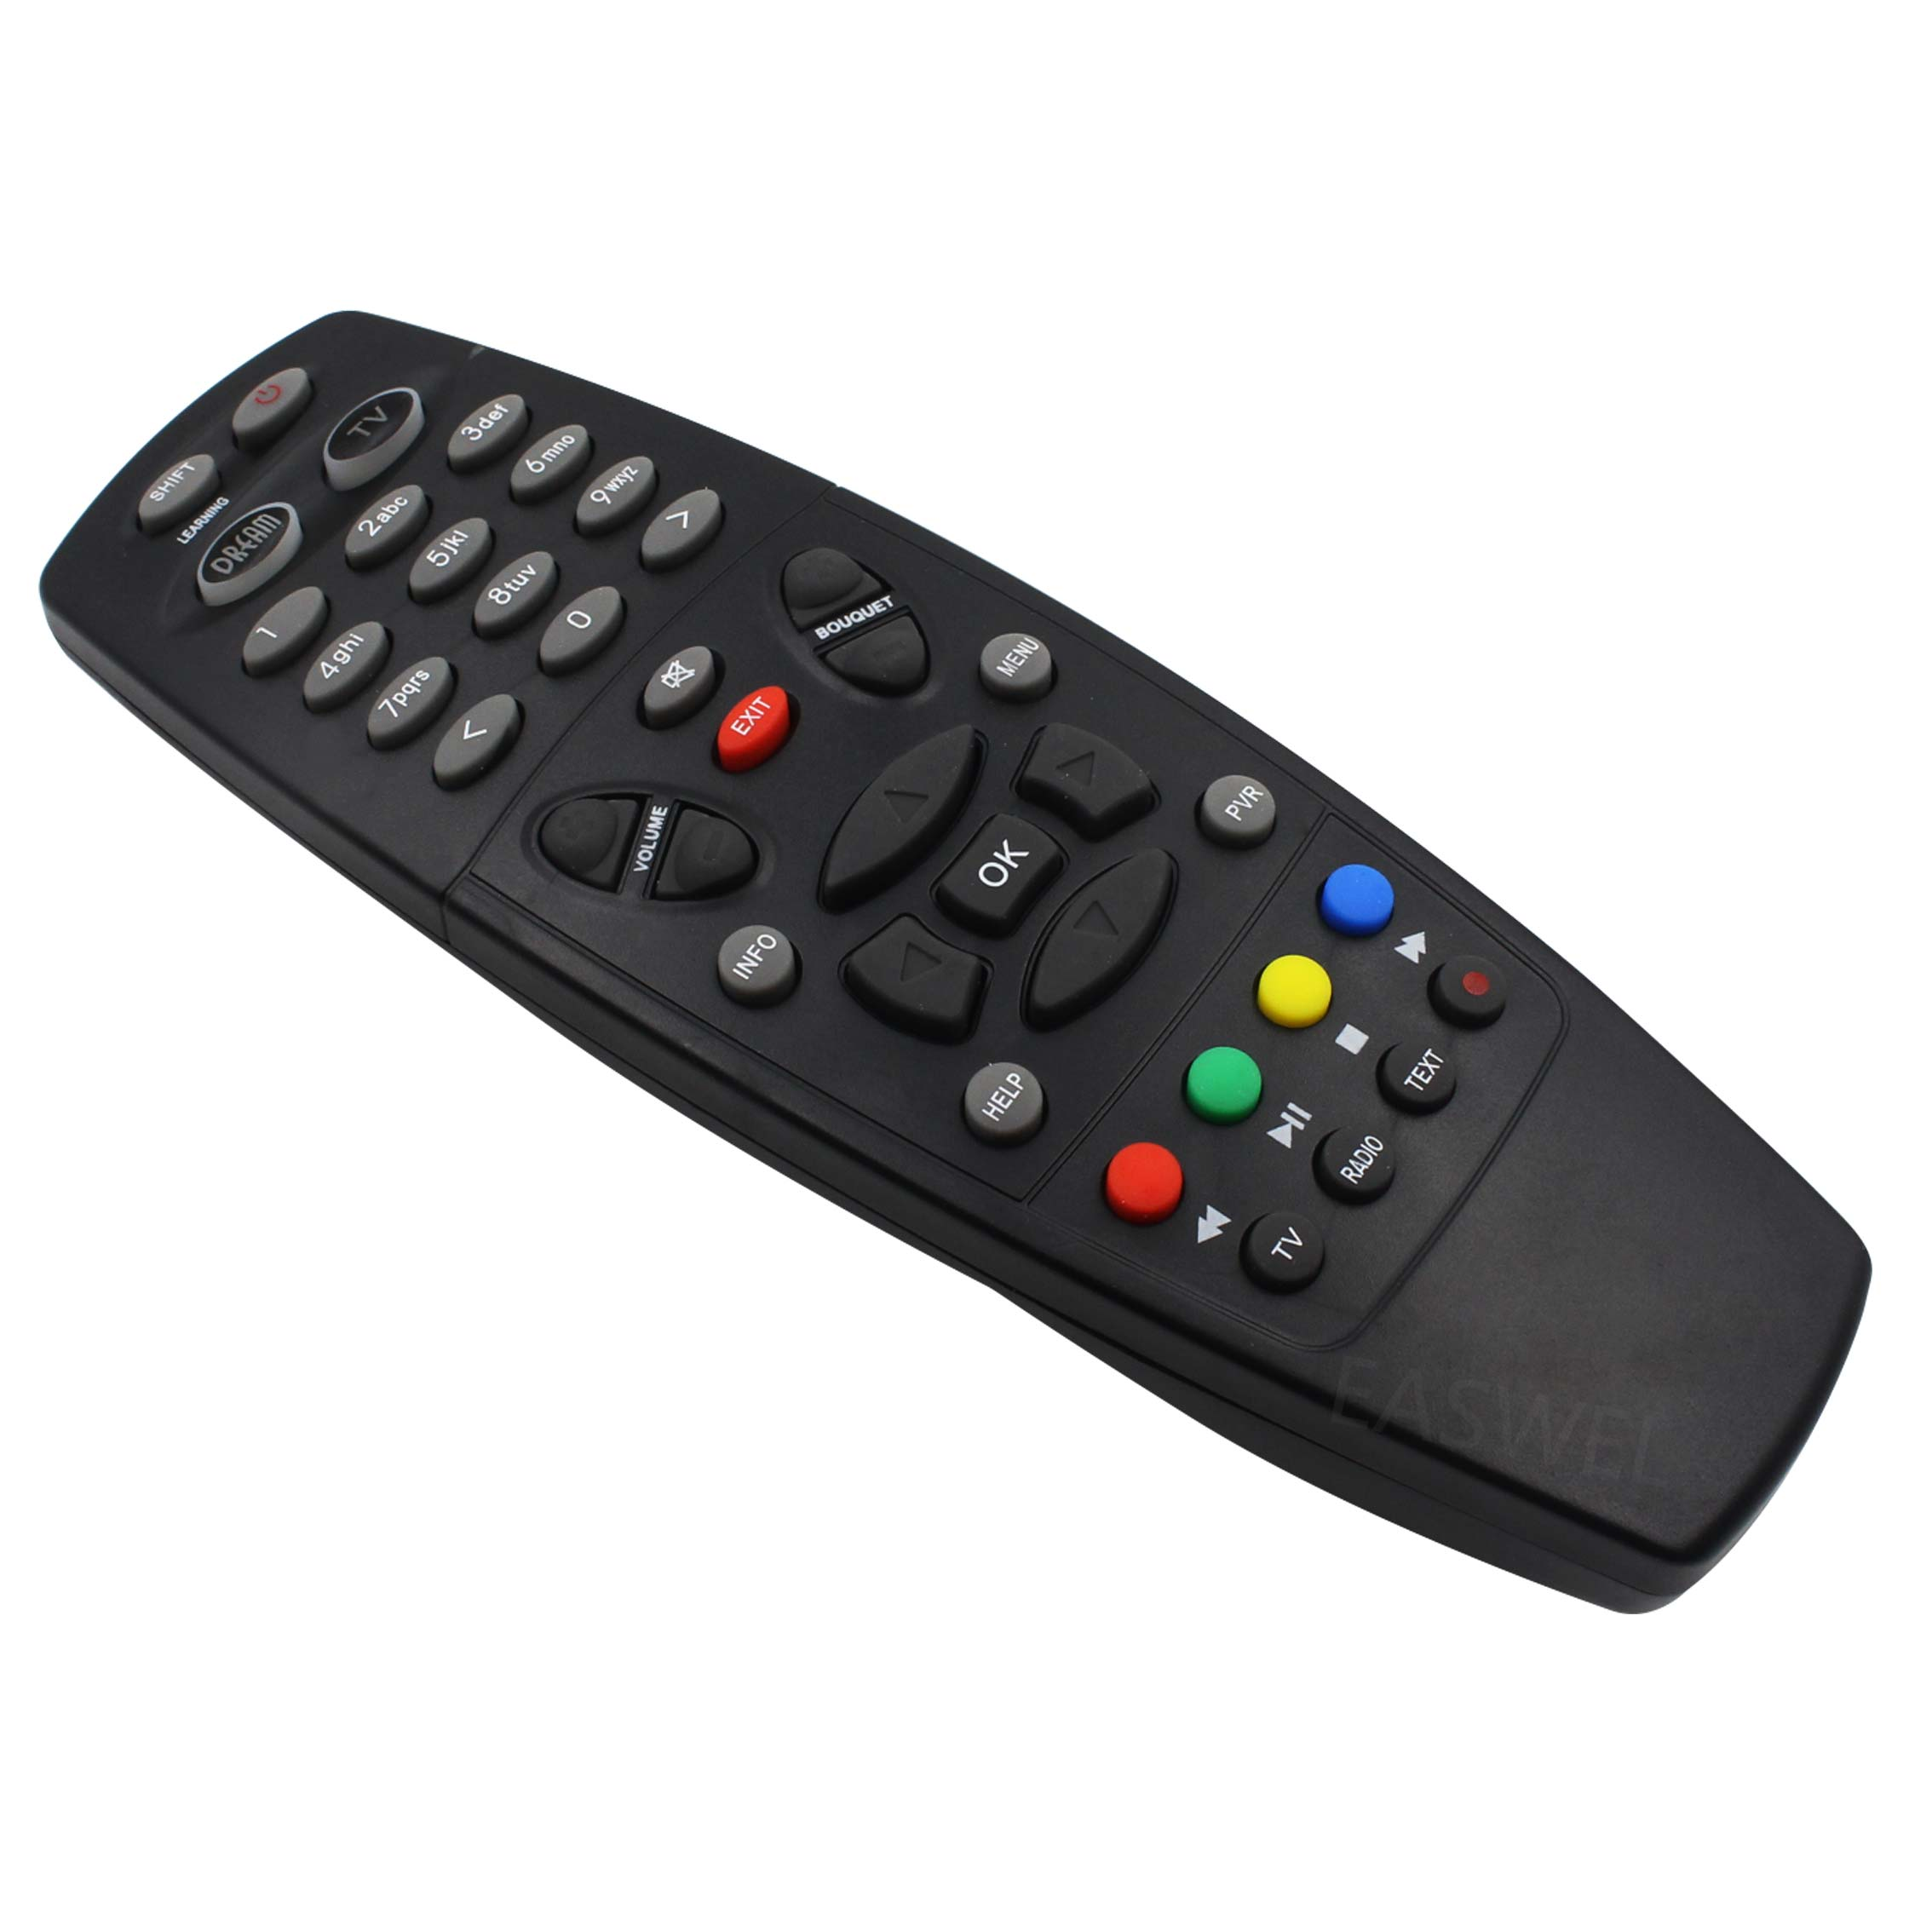 Vervanging Afstandsbediening Controller Voor Dreambox Dm800 Dm800hd Dm800se 500hd Een Brede Selectie Kleuren En Motieven